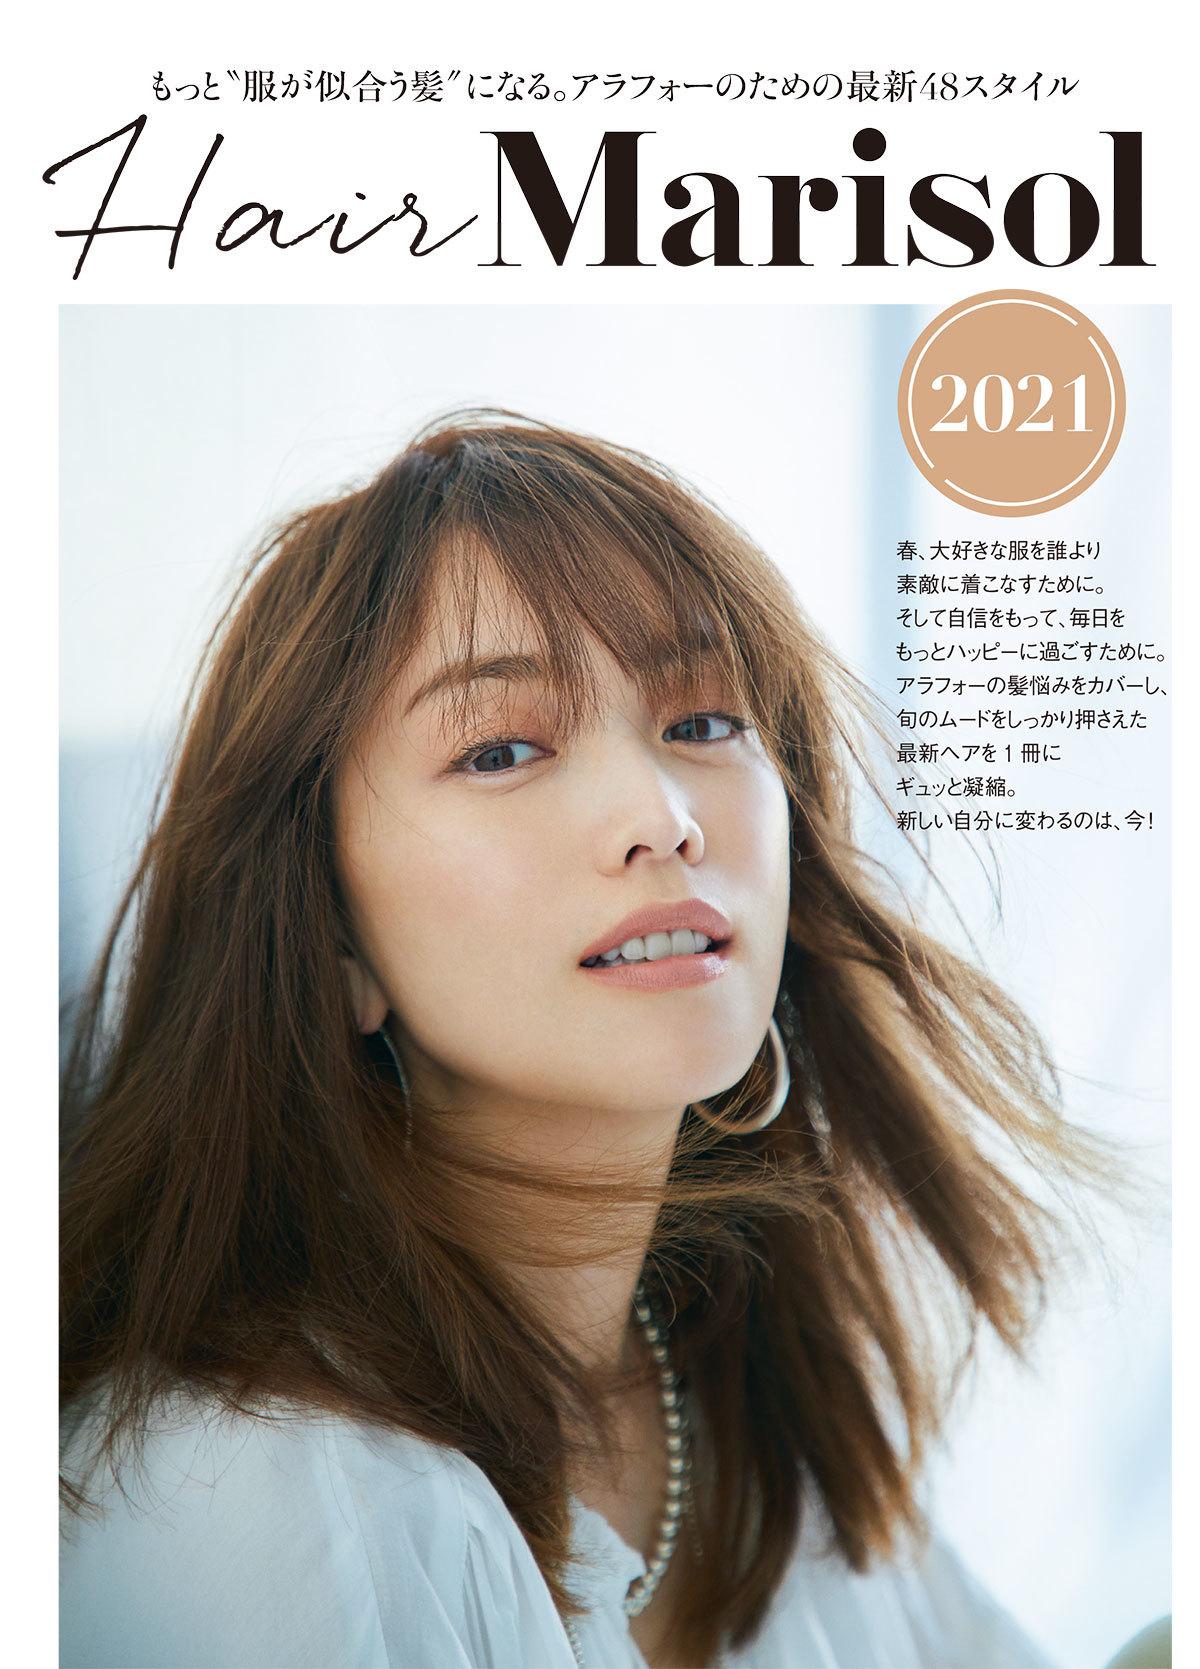 """もっと""""服が似合う髪""""になる。Hair Marisol2021"""